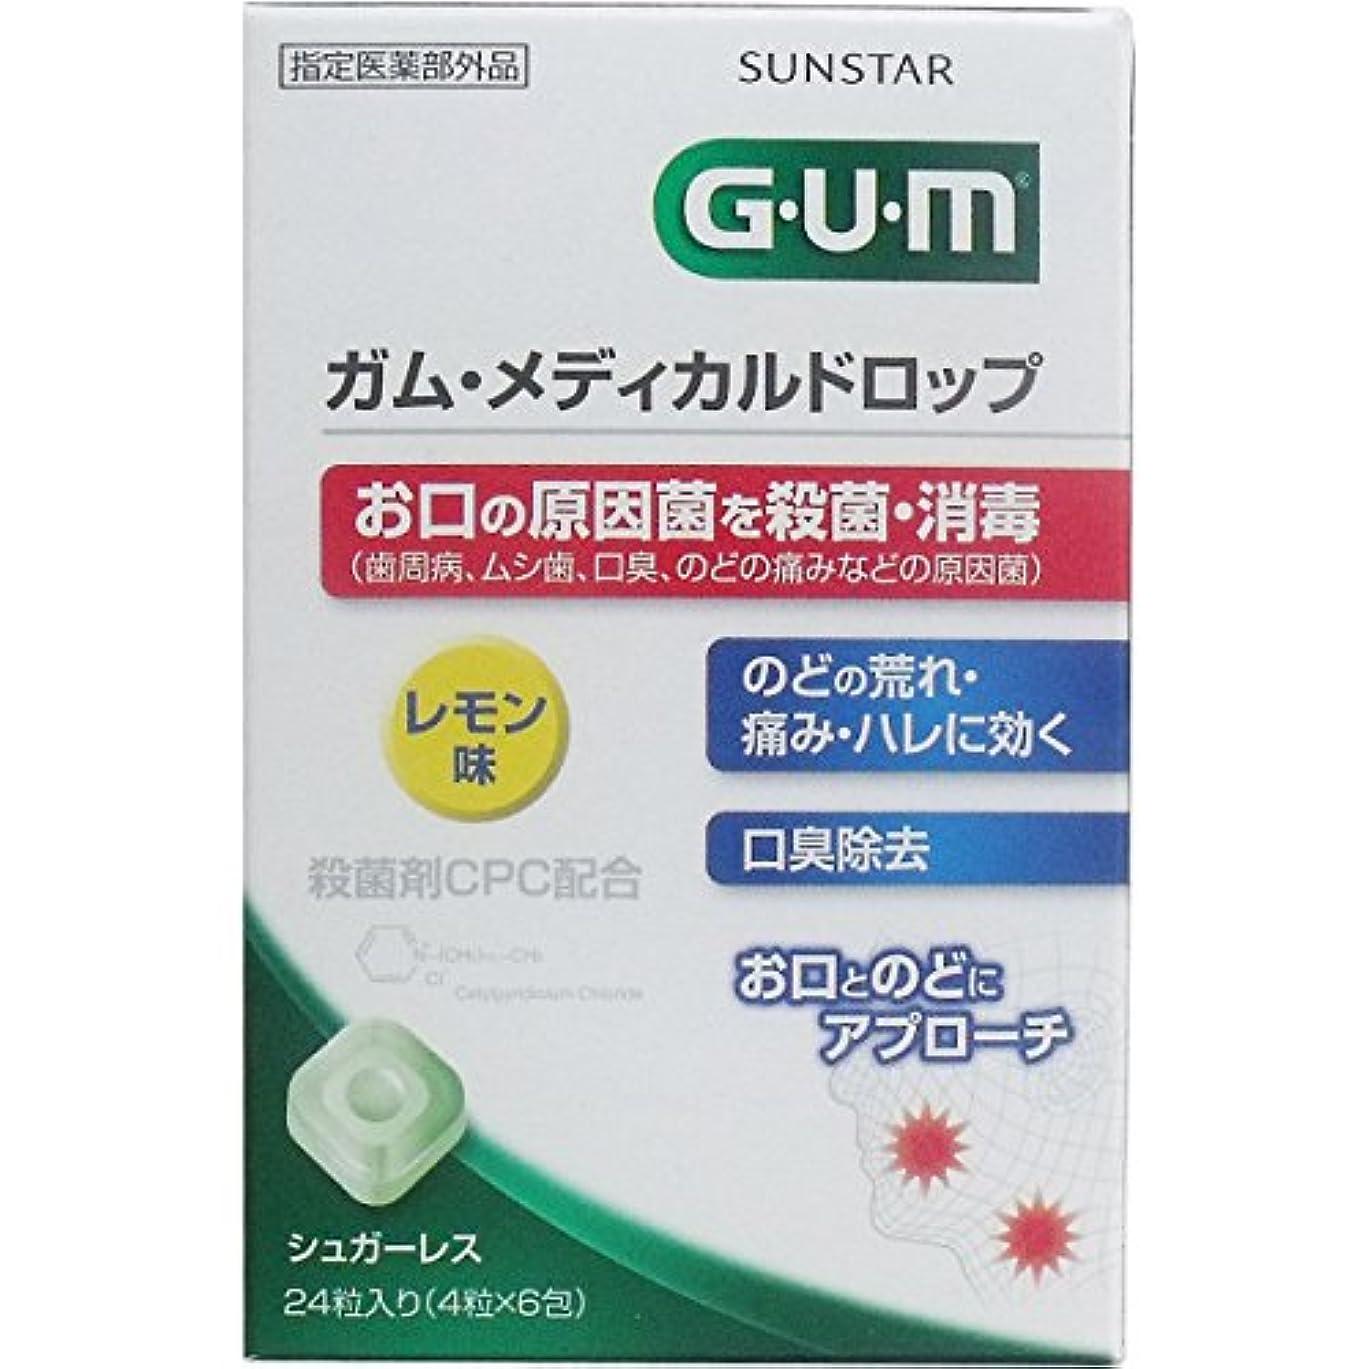 クレタかけるインキュバス【5個セット】GUM(ガム) メディカルドロップ レモン味 24粒